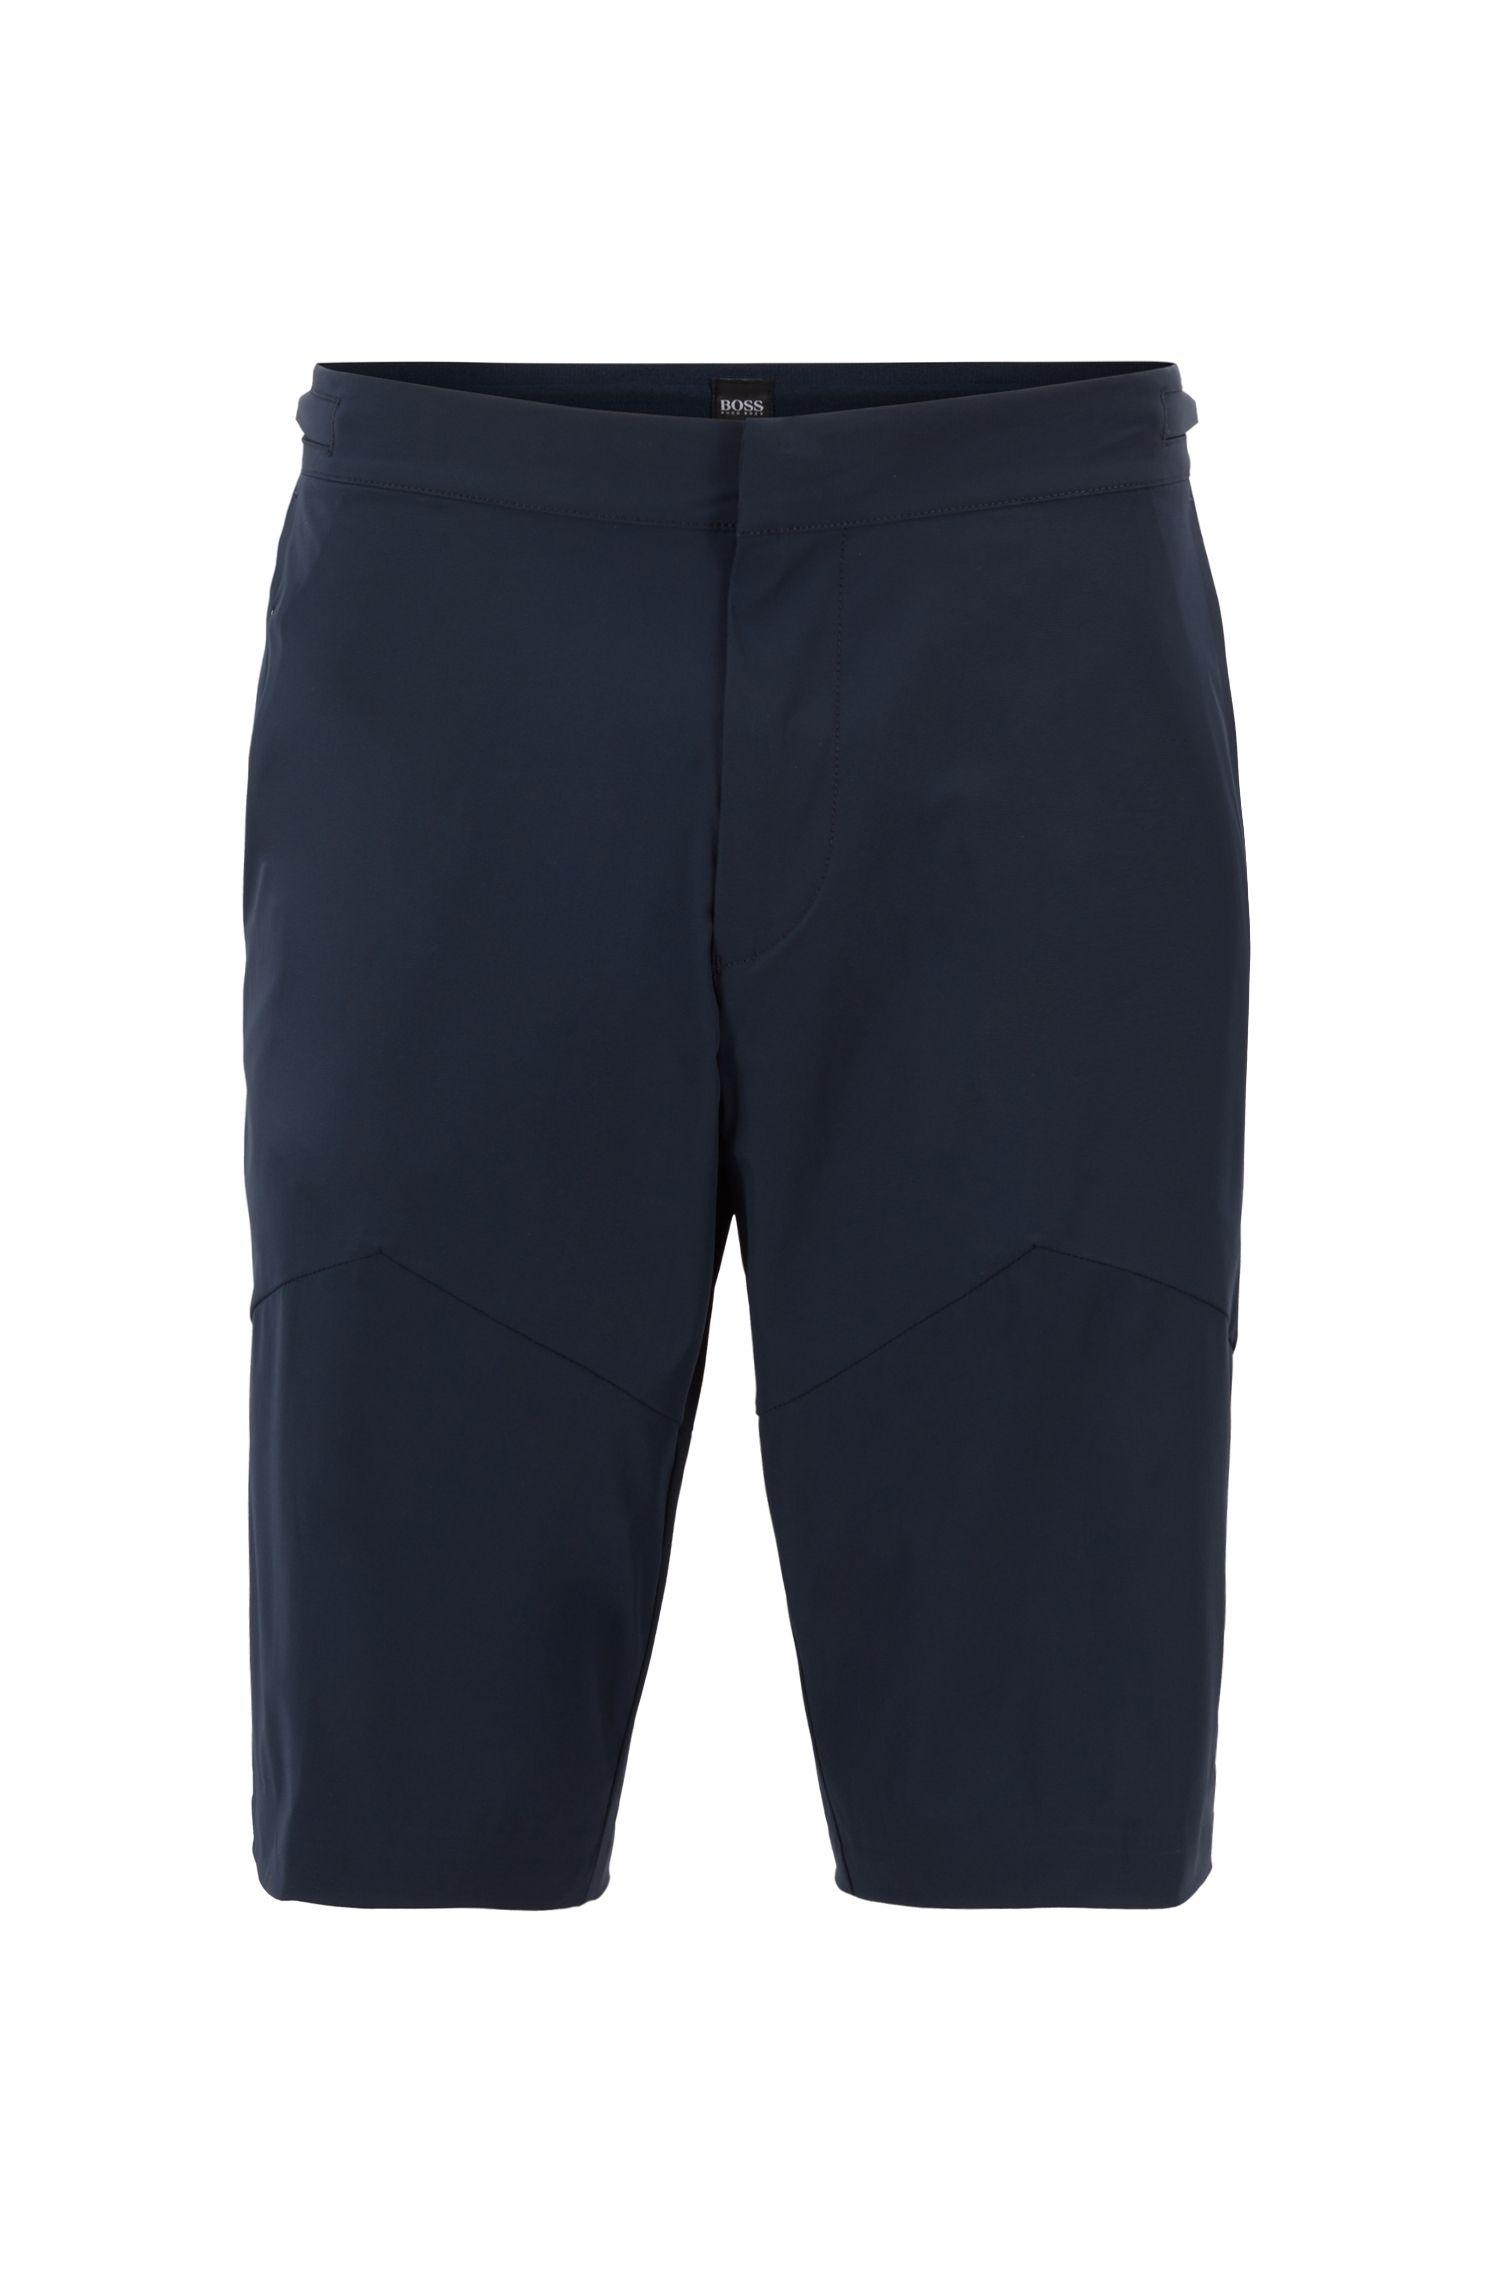 Multi-purpose slim-fit shorts in microstructured stretch fabric, Dark Blue